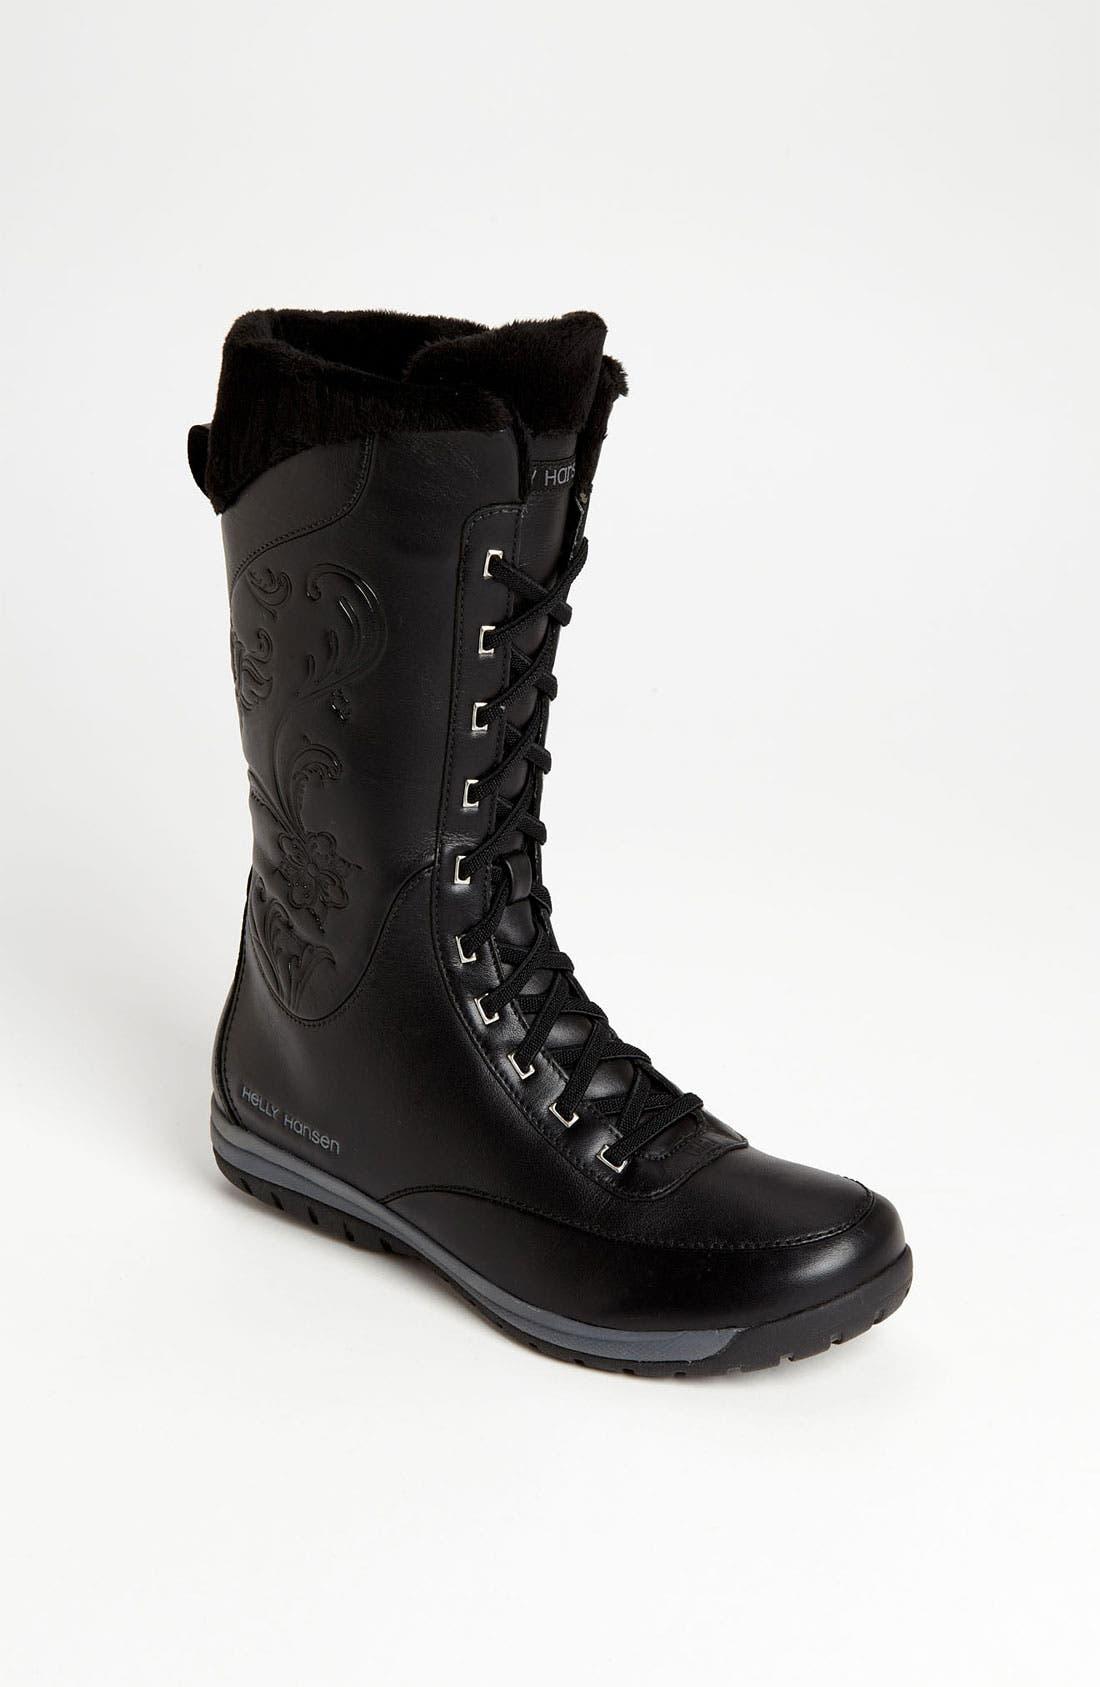 Main Image - Helly Hansen 'Eir 3' Boot